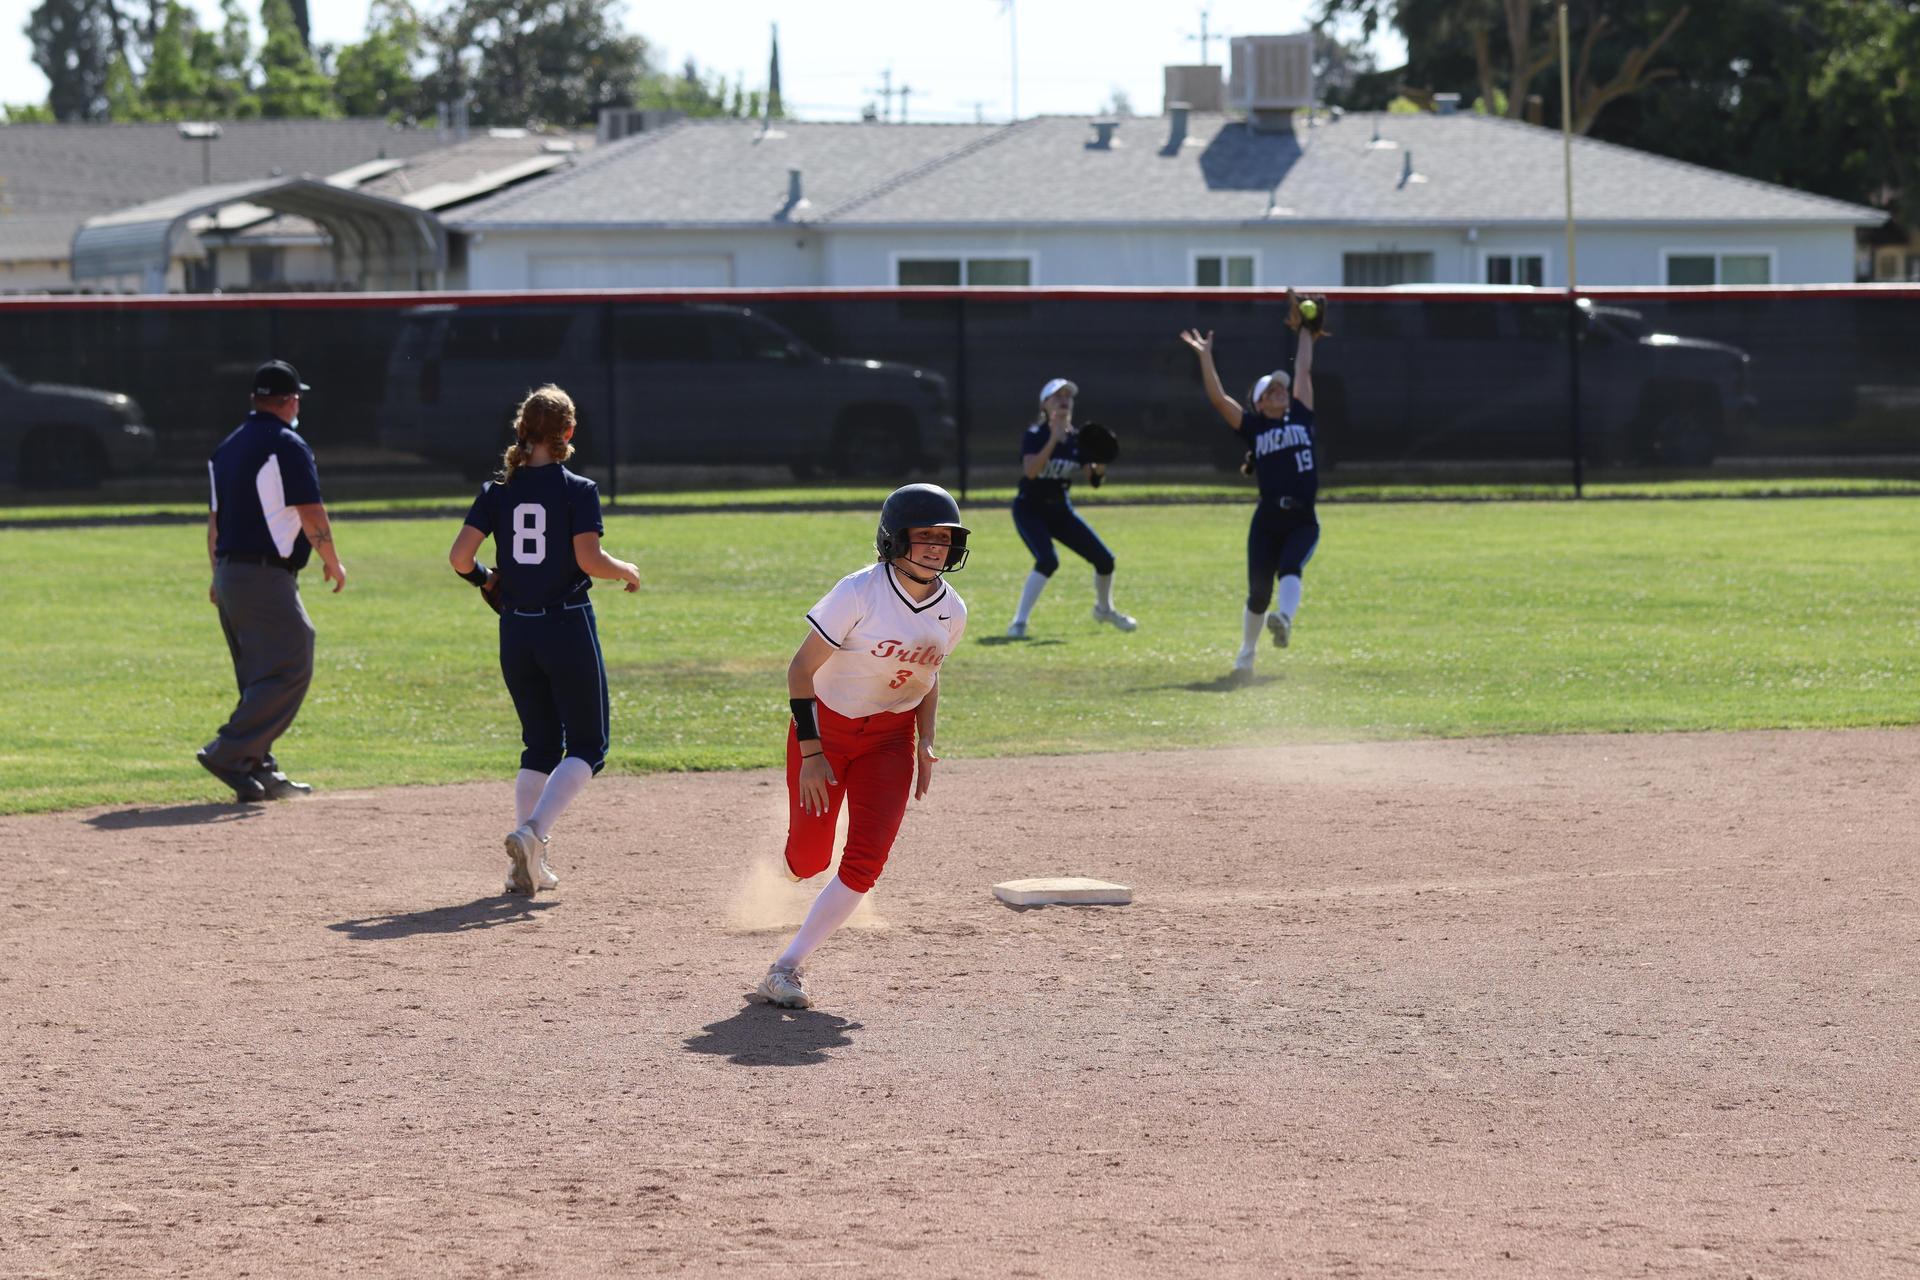 Girls playing softball vs Yosemite